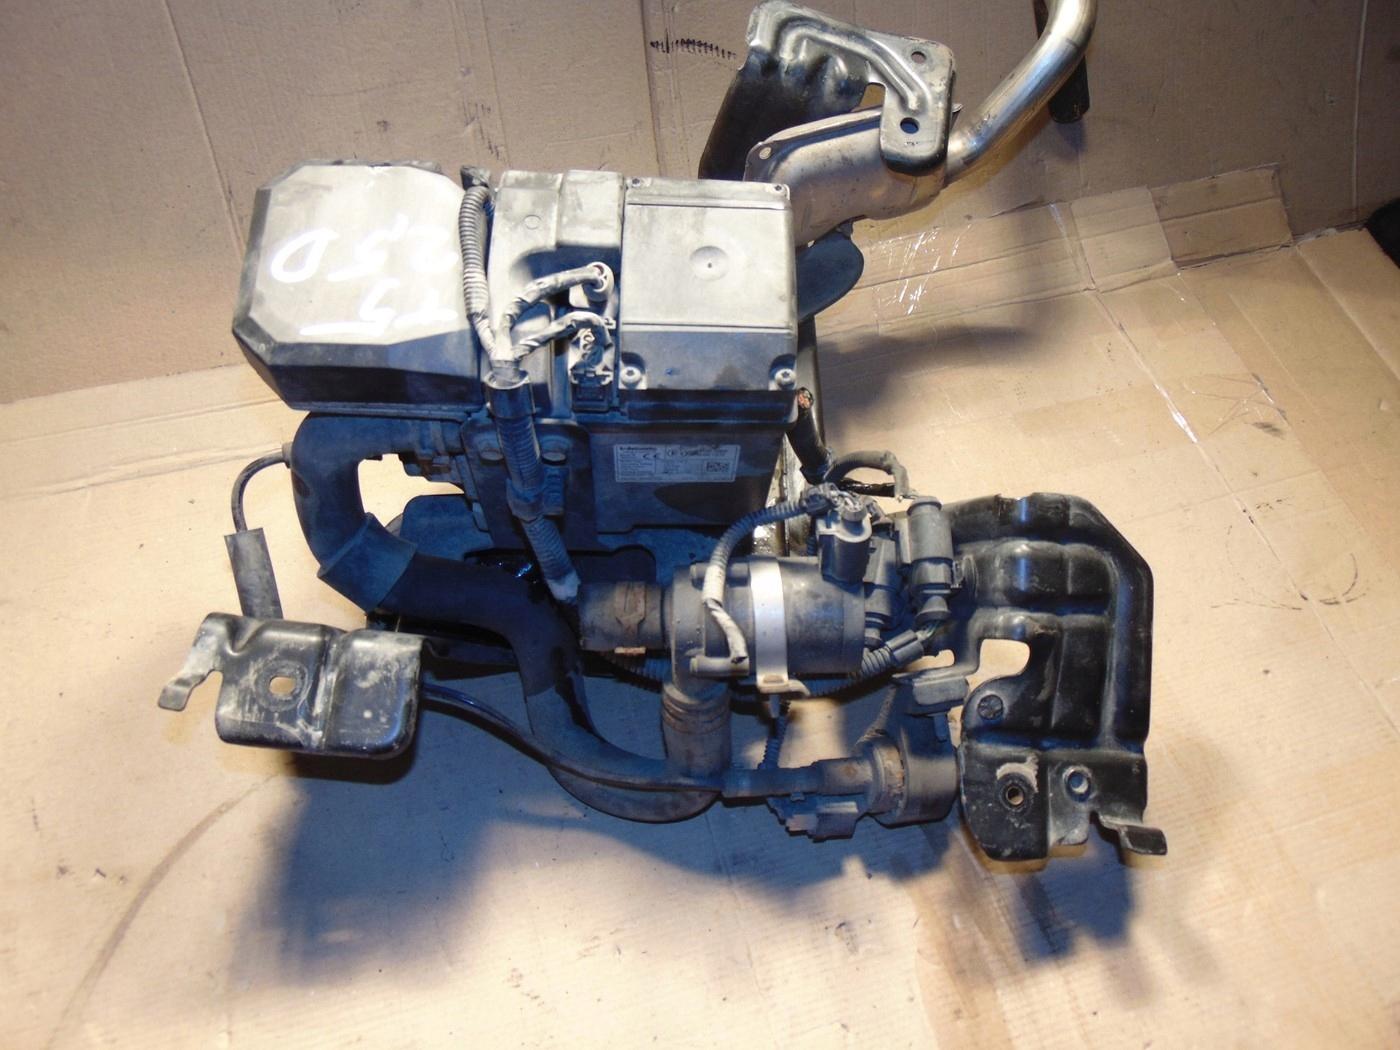 Вебасто транспортер фольксваген где находится номер двигателя на фольксваген транспортер т4 2 5 тди